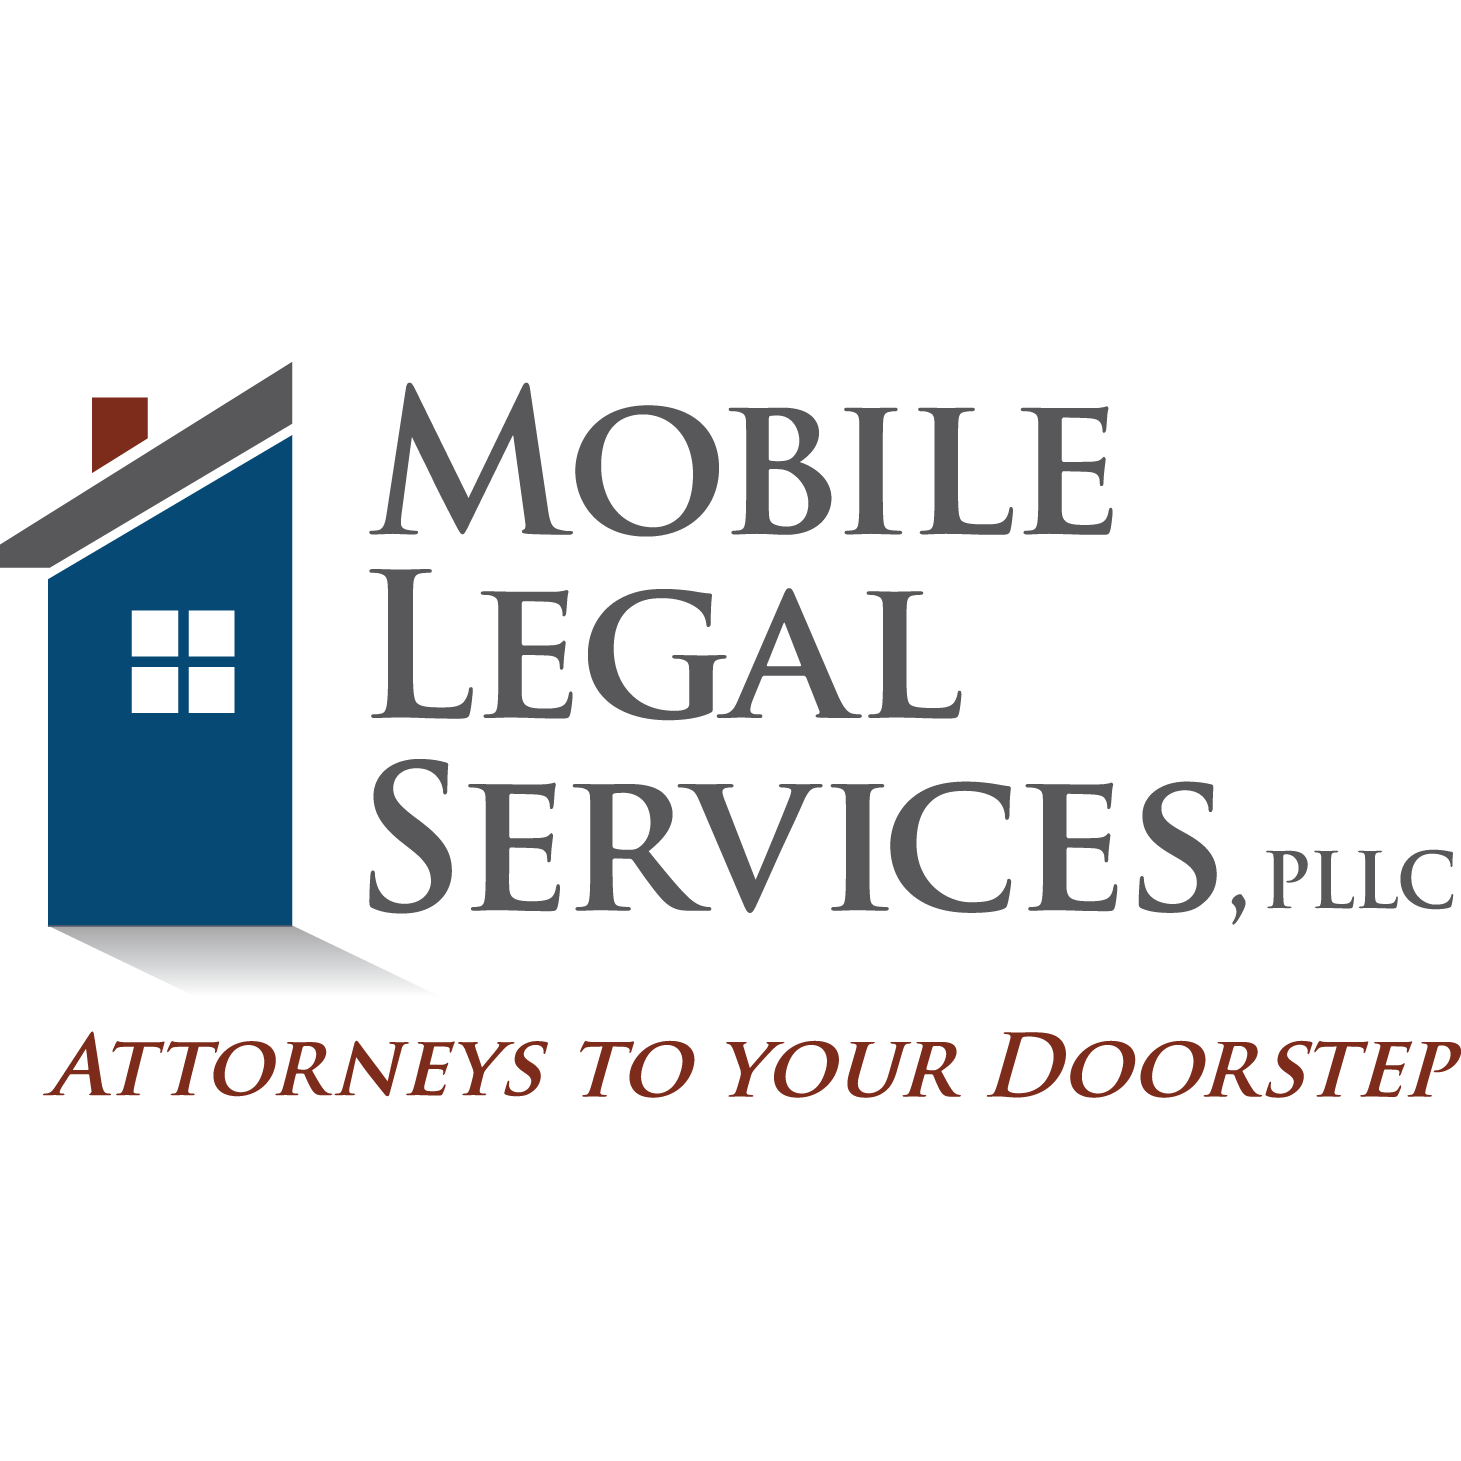 Mobile Legal Services, PLLC